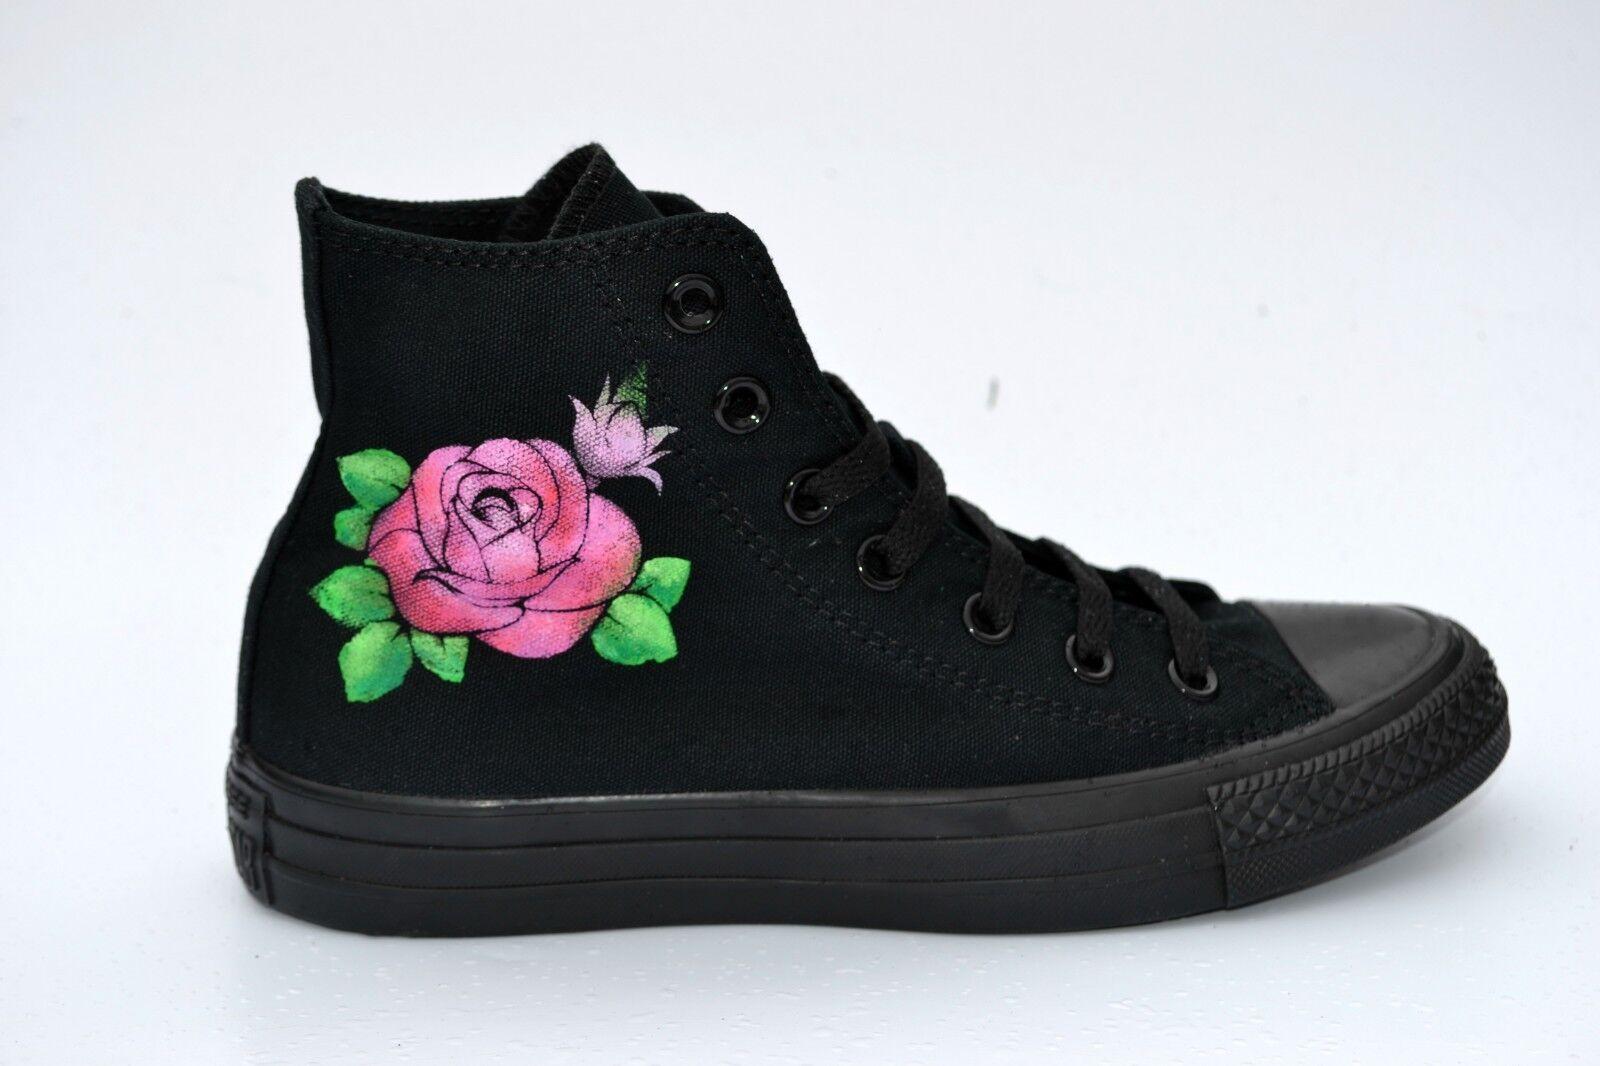 Rose Tattoo stile Converse-dipinti a mano ordinazione su ordinazione mano 5ab48e